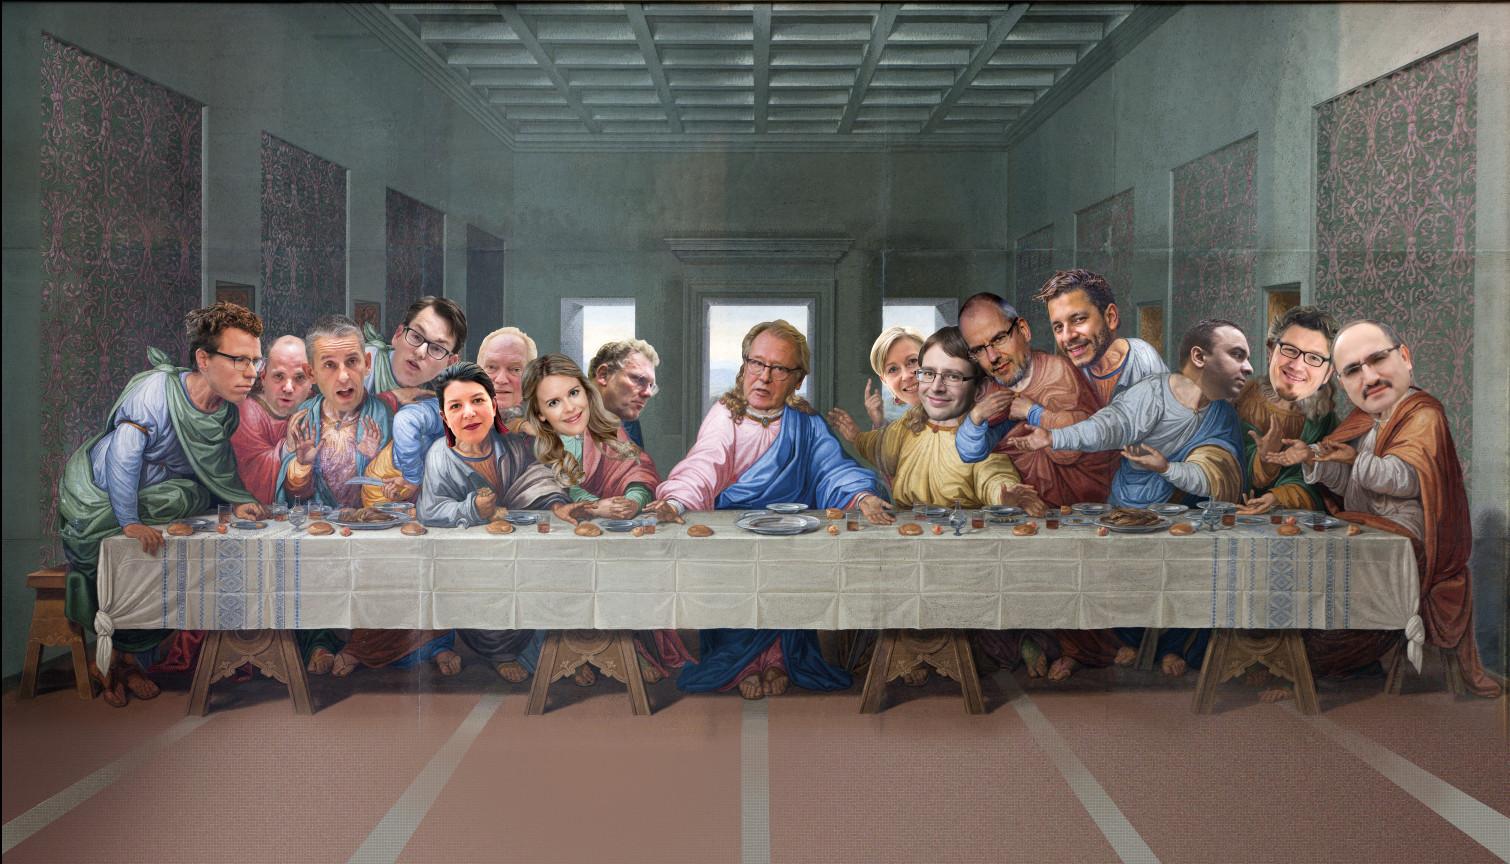 Het Laatste Avondmaal: vijftien Haagse fractievoorzitters, met in het midden Jaap Smit, commissaris van de Koning. Is er een Judas in hun midden?